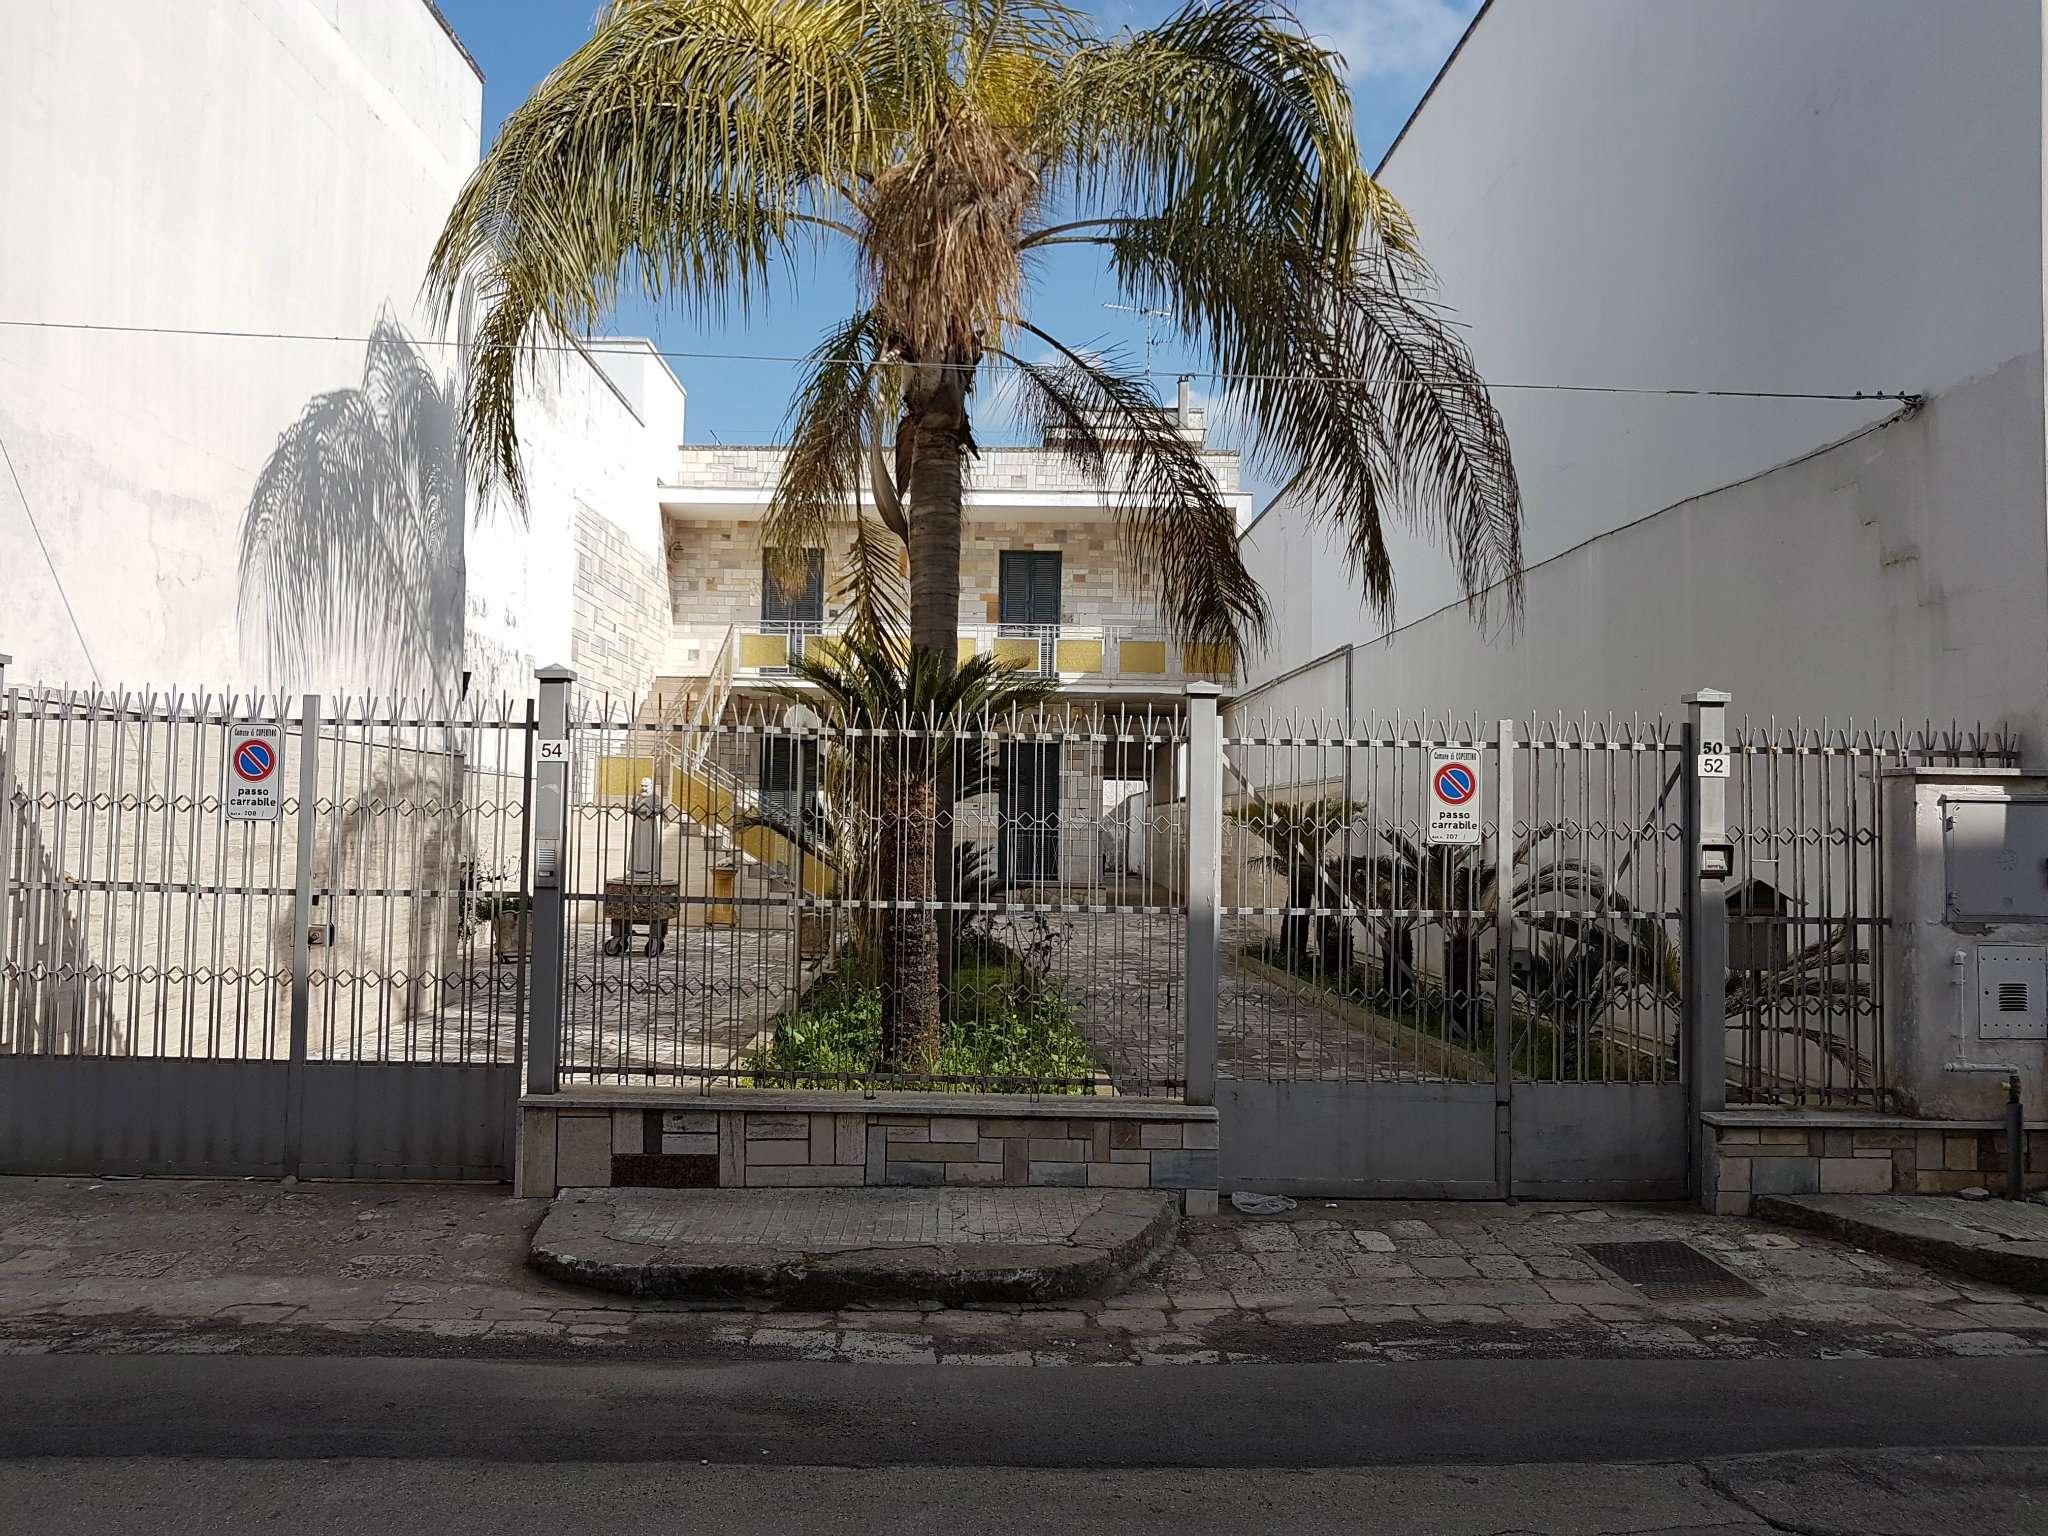 Palazzo / Stabile in vendita a Copertino, 12 locali, prezzo € 340.000 | CambioCasa.it